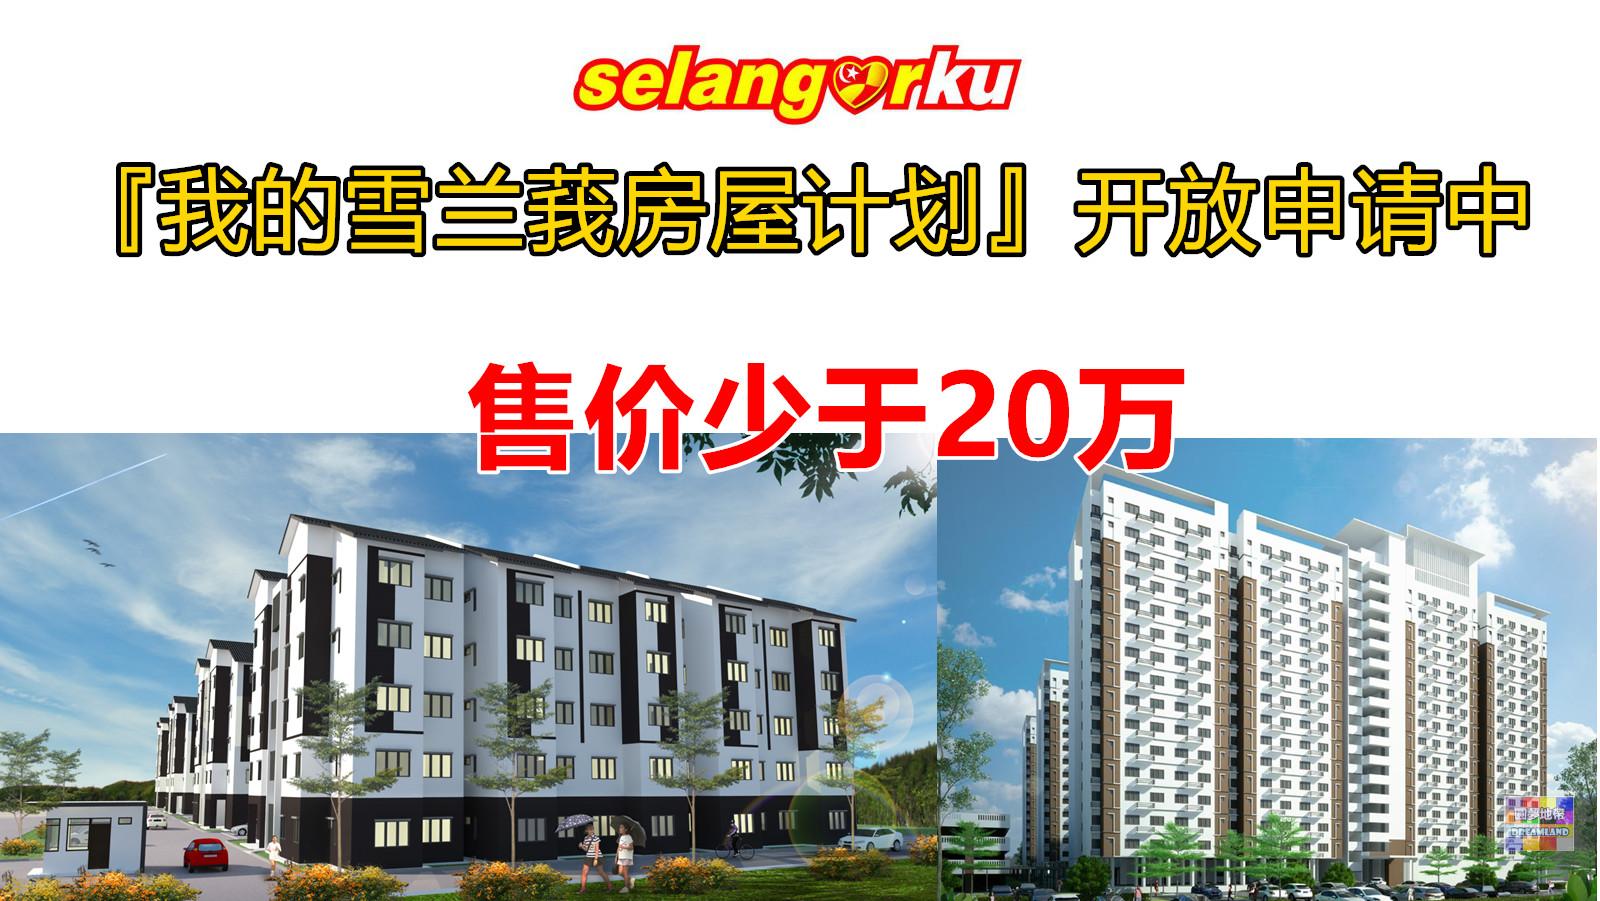 Rumah Selangorku Jenis A 700 Kp Surat Mia